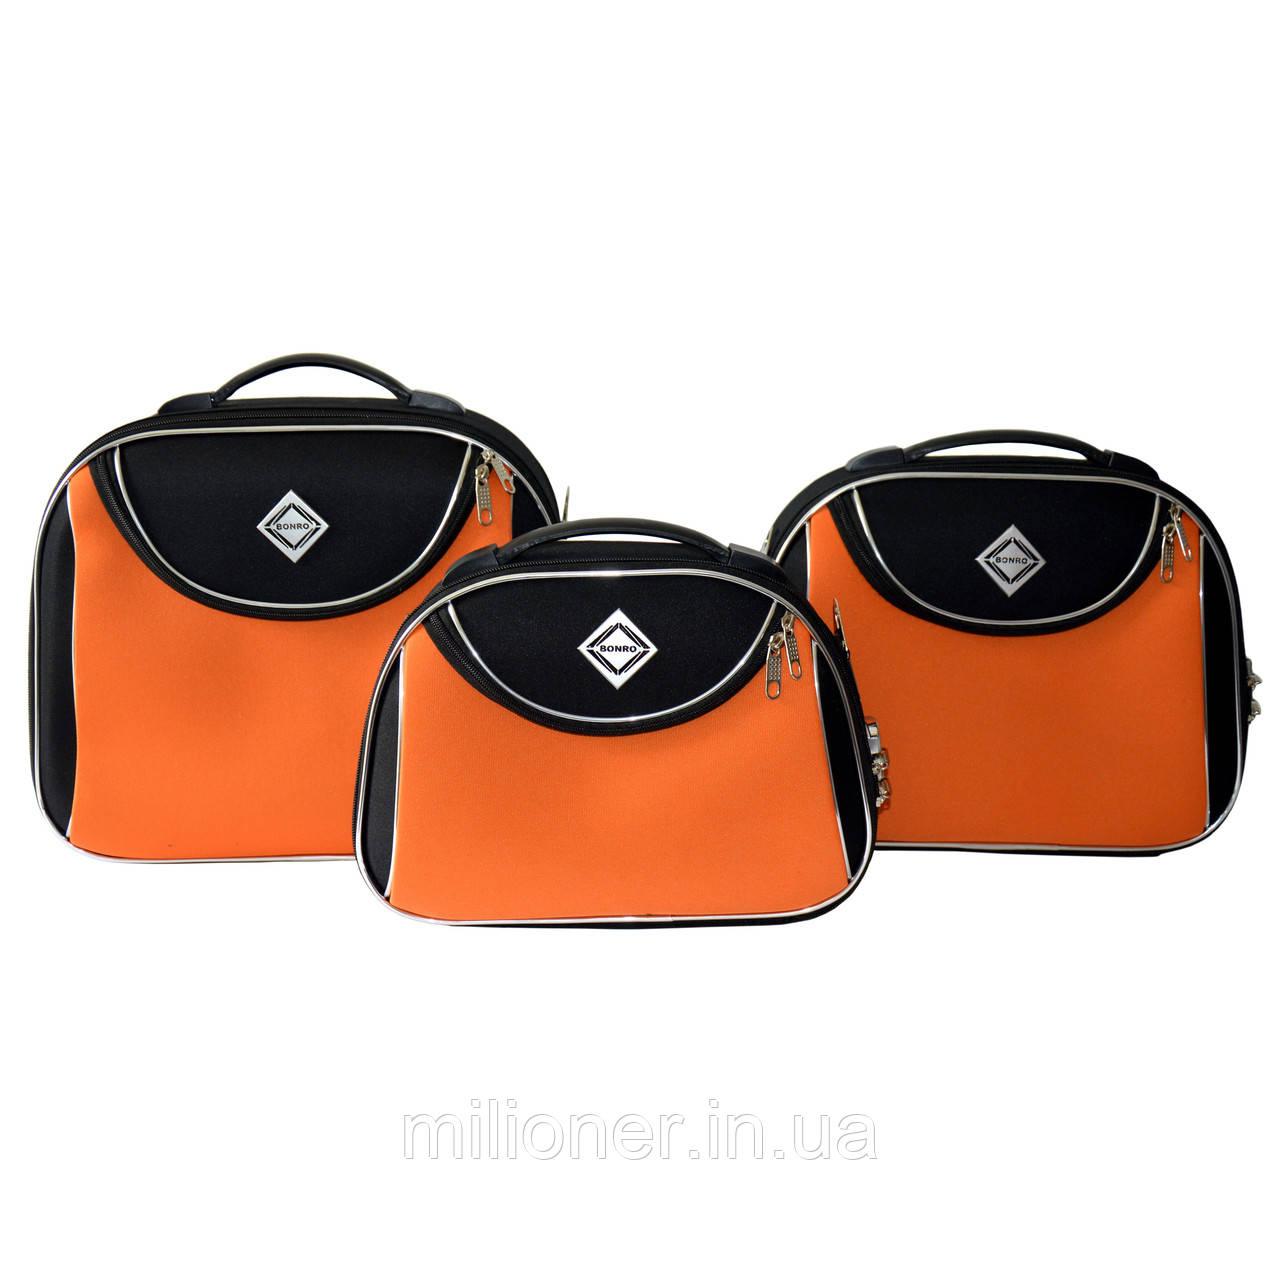 Сумка кейс саквояж 3в1 Bonro Style черно-оранжевый